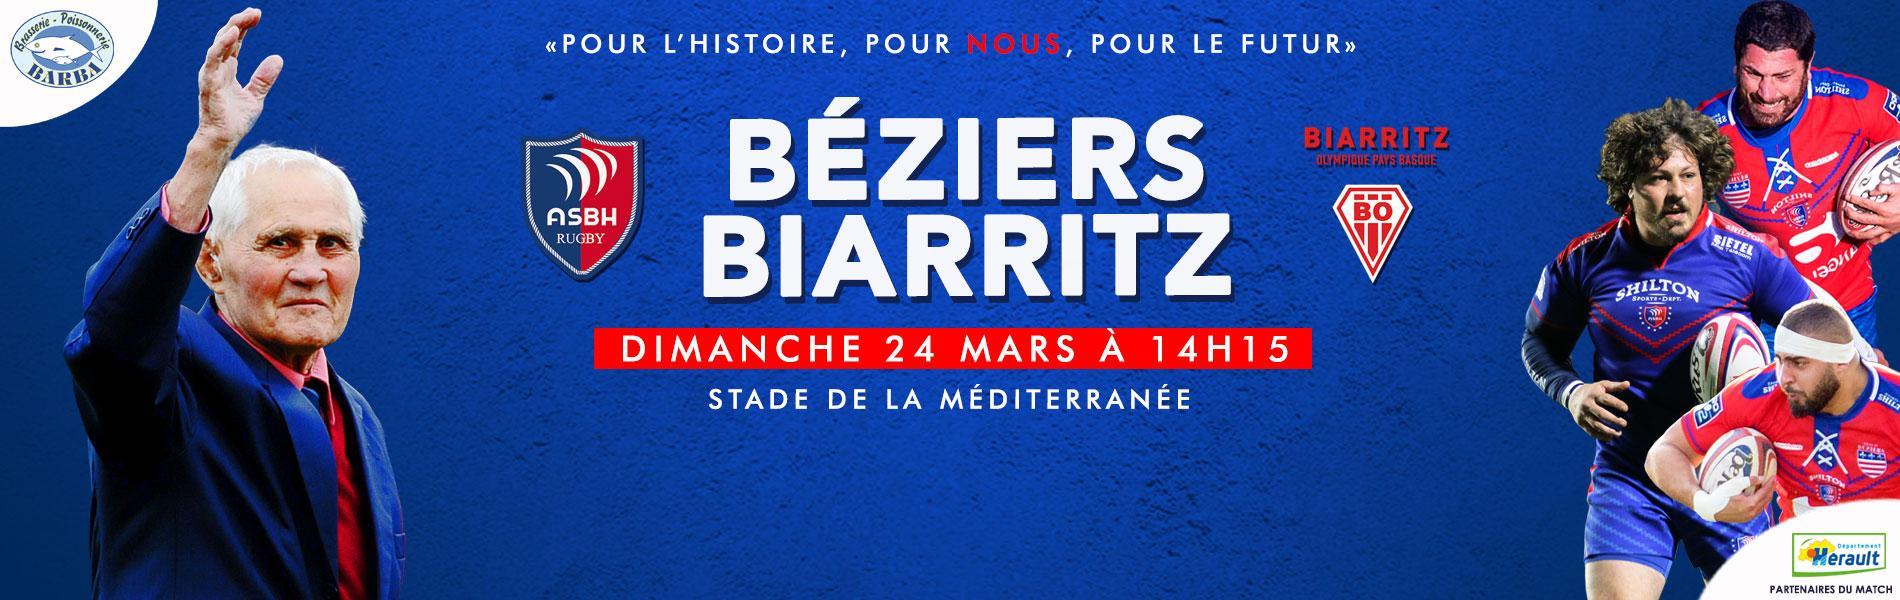 Image Prochain match à domicile : Béziers - Biarritz en honneur à Raoul Barrière